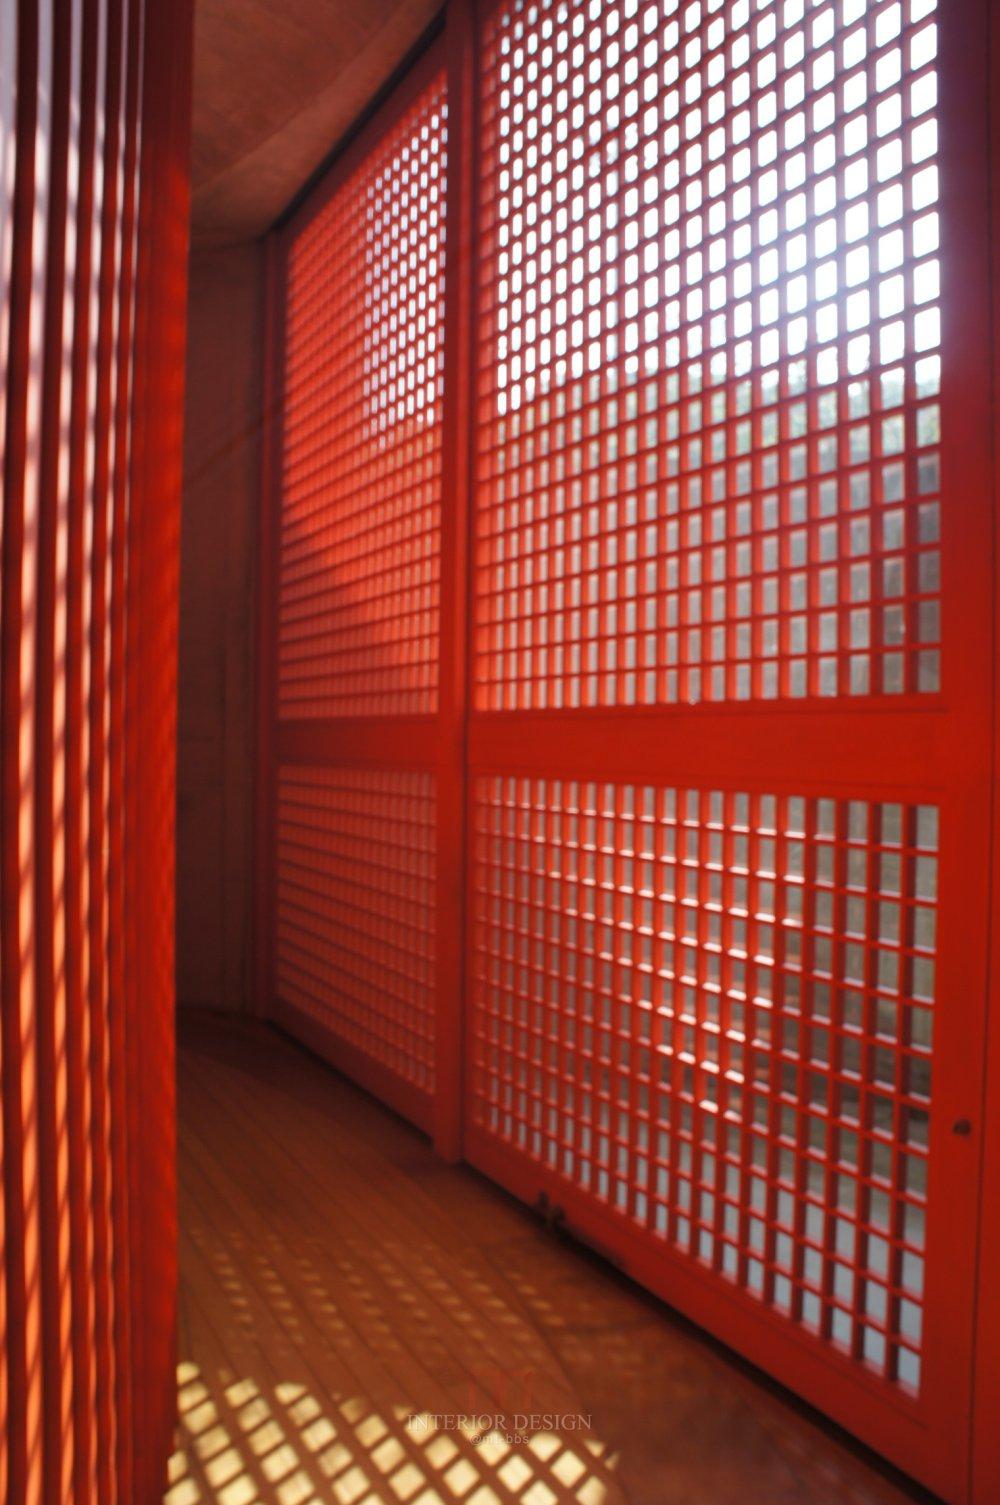 #伙伴一起看日本#  日本设计考察分享(更新美秀美术馆)_DSC05830.JPG